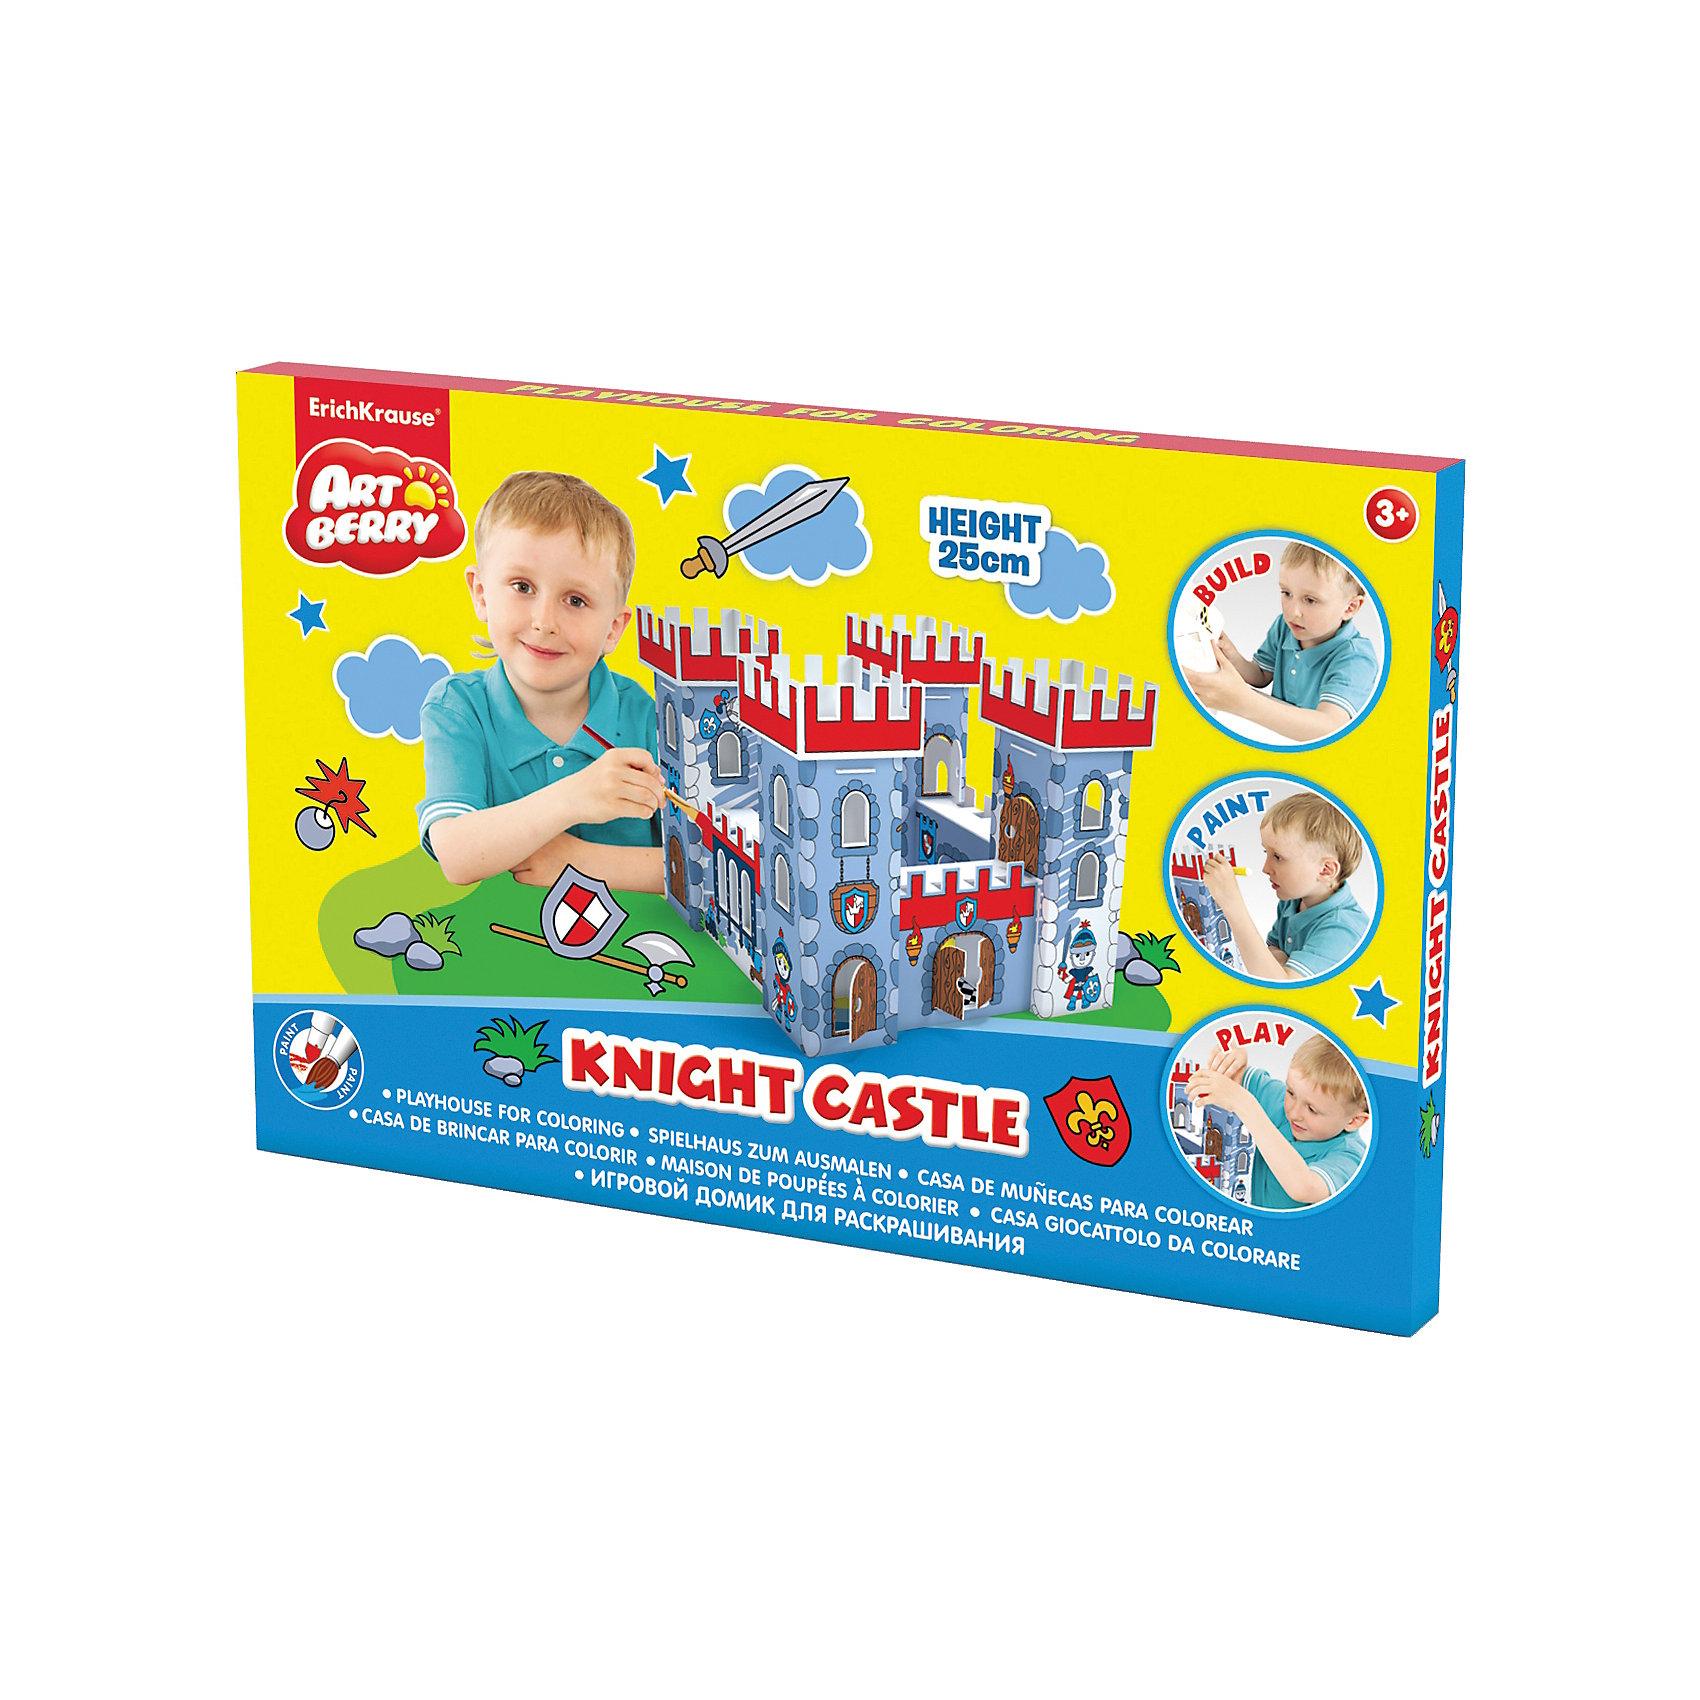 Игровой домик для раскрашивания Рыцарский замок, ArtberryИгровой домик для раскрашивания Artberry/Knight Castle/крепость/карт. короб.<br><br>Ширина мм: 325<br>Глубина мм: 250<br>Высота мм: 325<br>Вес г: 544<br>Возраст от месяцев: 60<br>Возраст до месяцев: 216<br>Пол: Унисекс<br>Возраст: Детский<br>SKU: 5409363